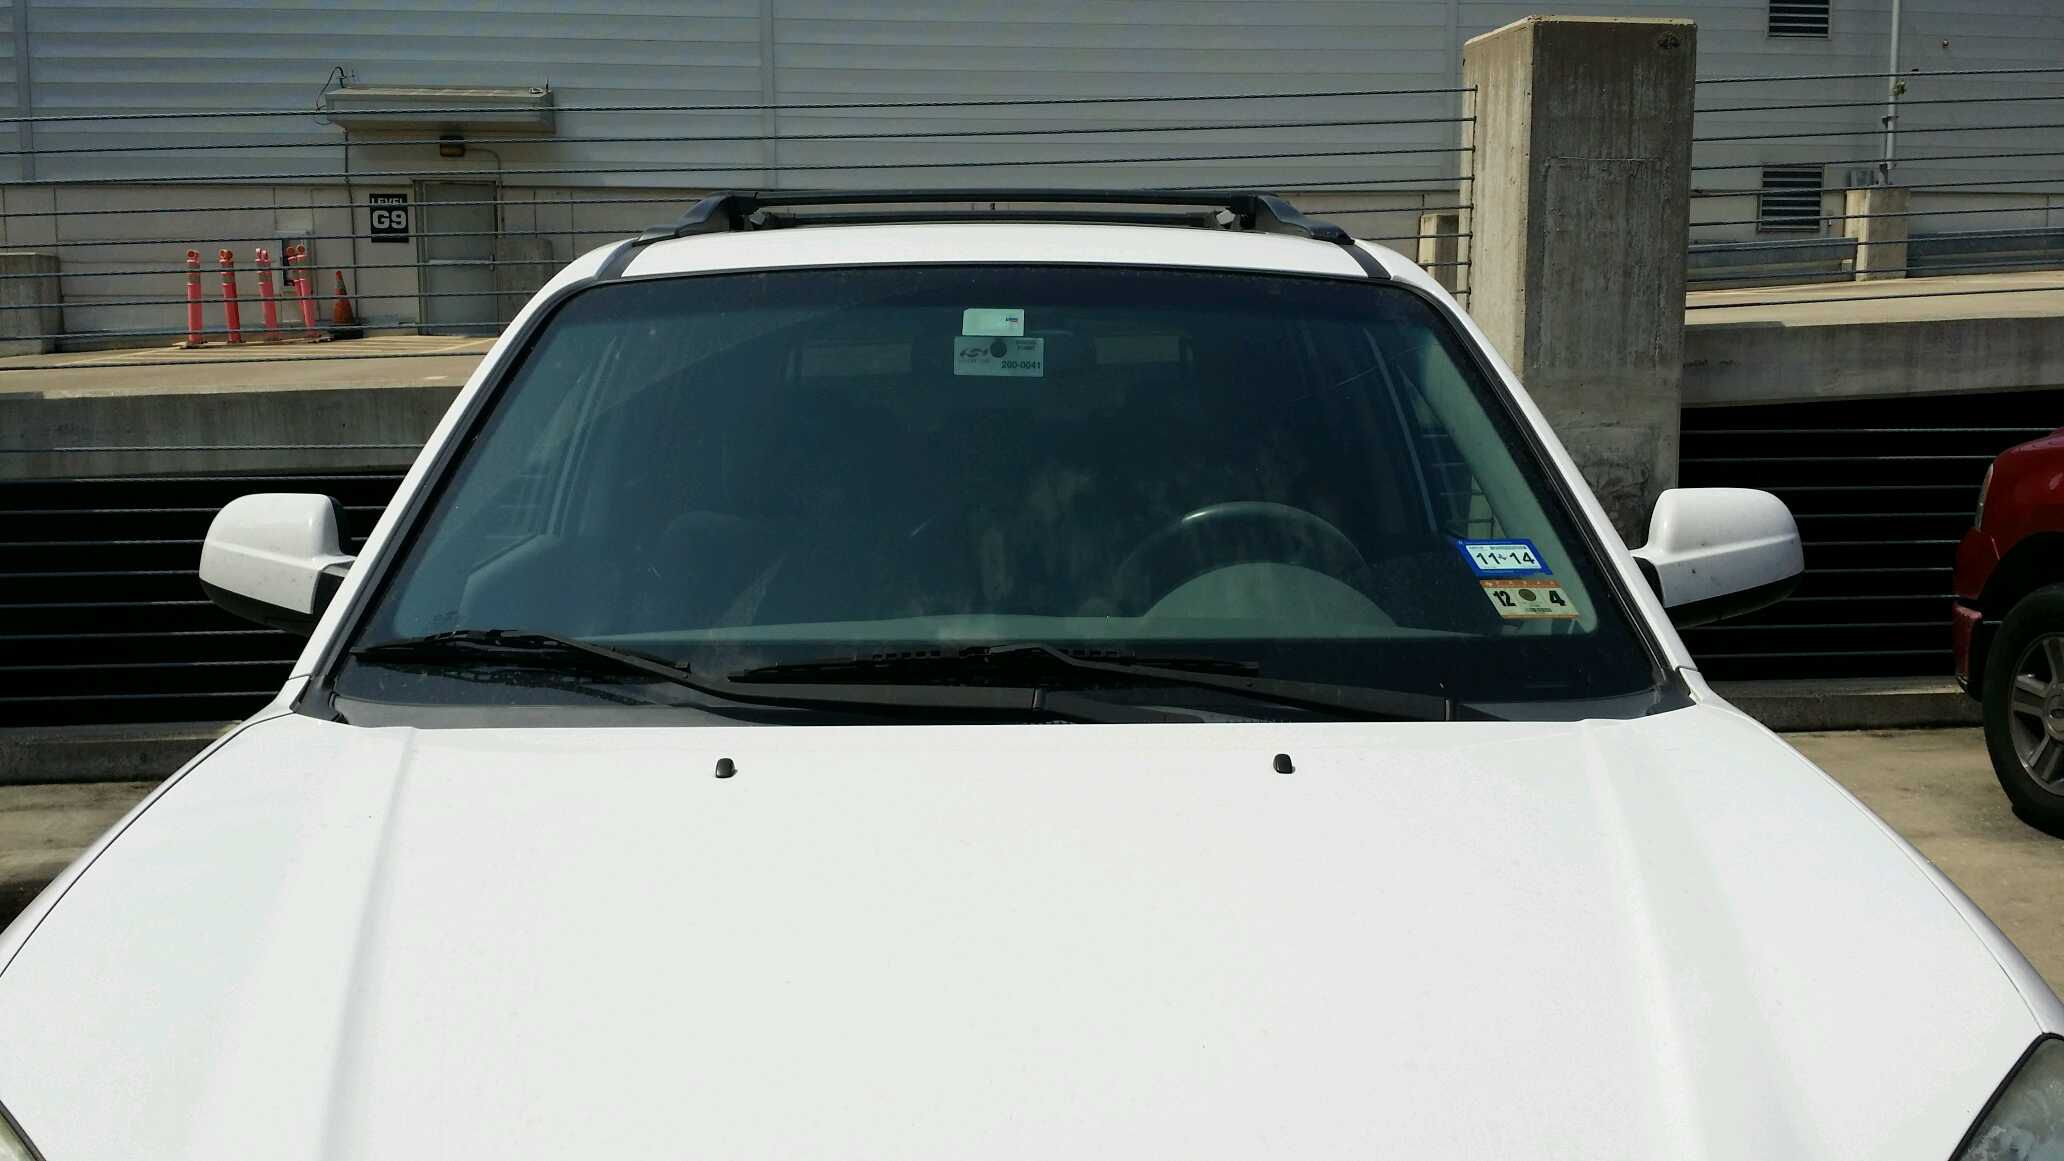 hyundai windshield replacement or repair get local upcomingcarshq com hyundai elantra owners manual 2018 hyundai elantra owners manual 2012